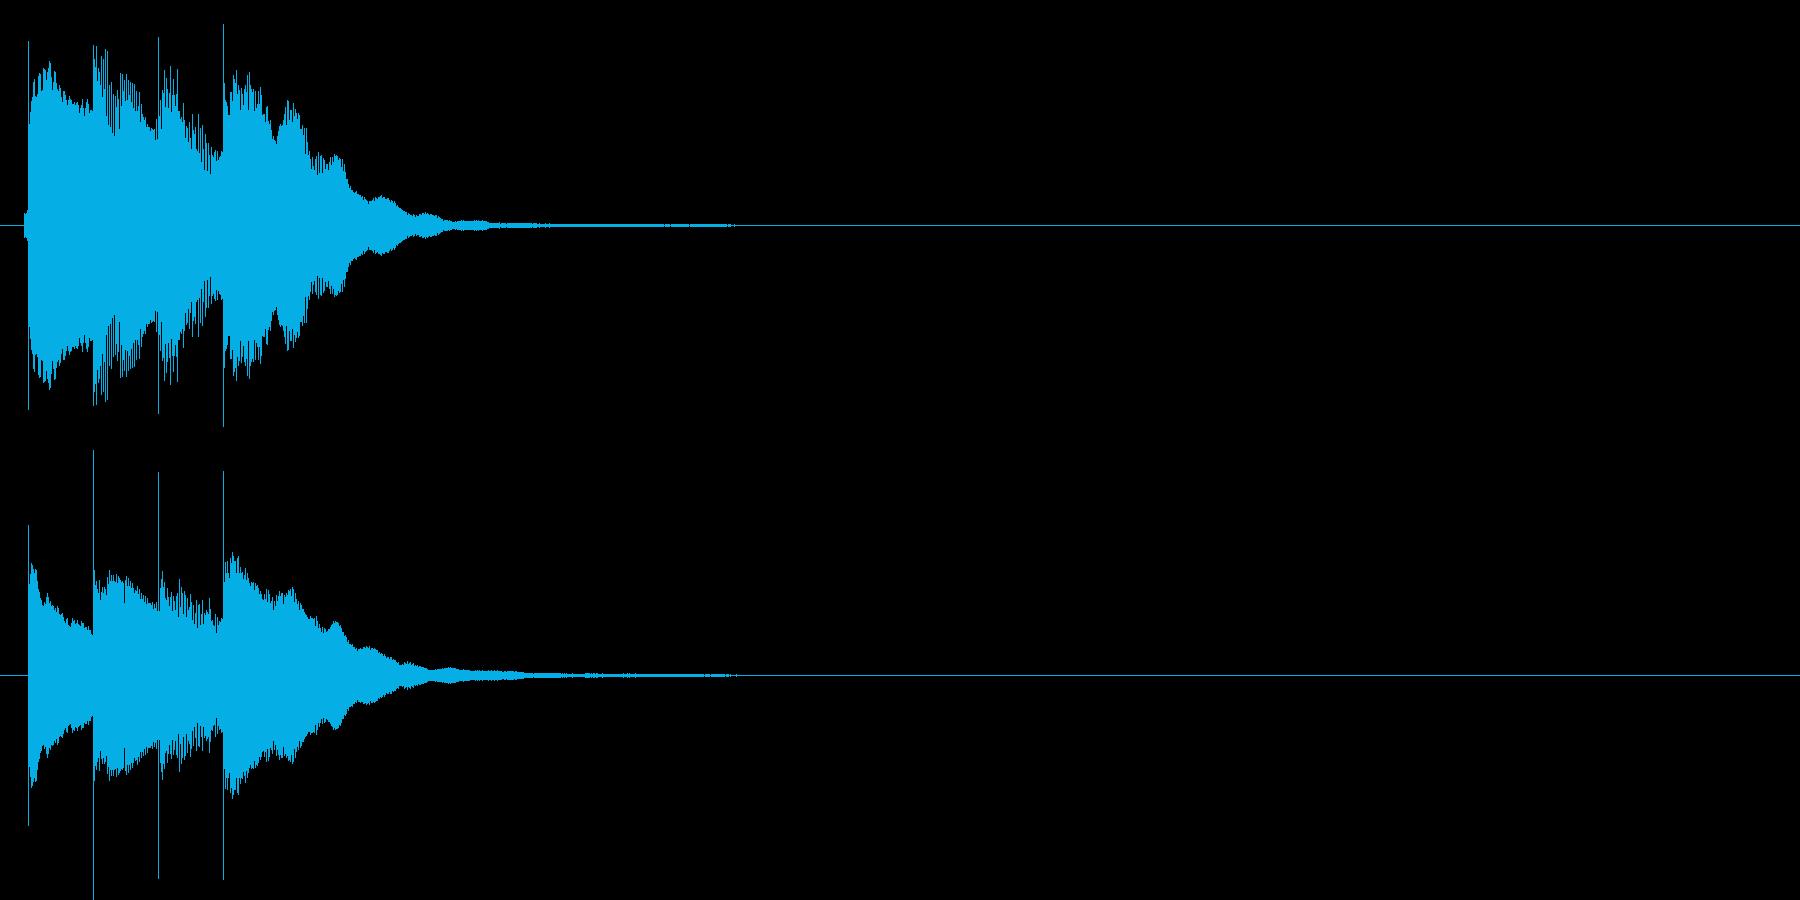 アラーム音02 グロッケン(sus4)の再生済みの波形